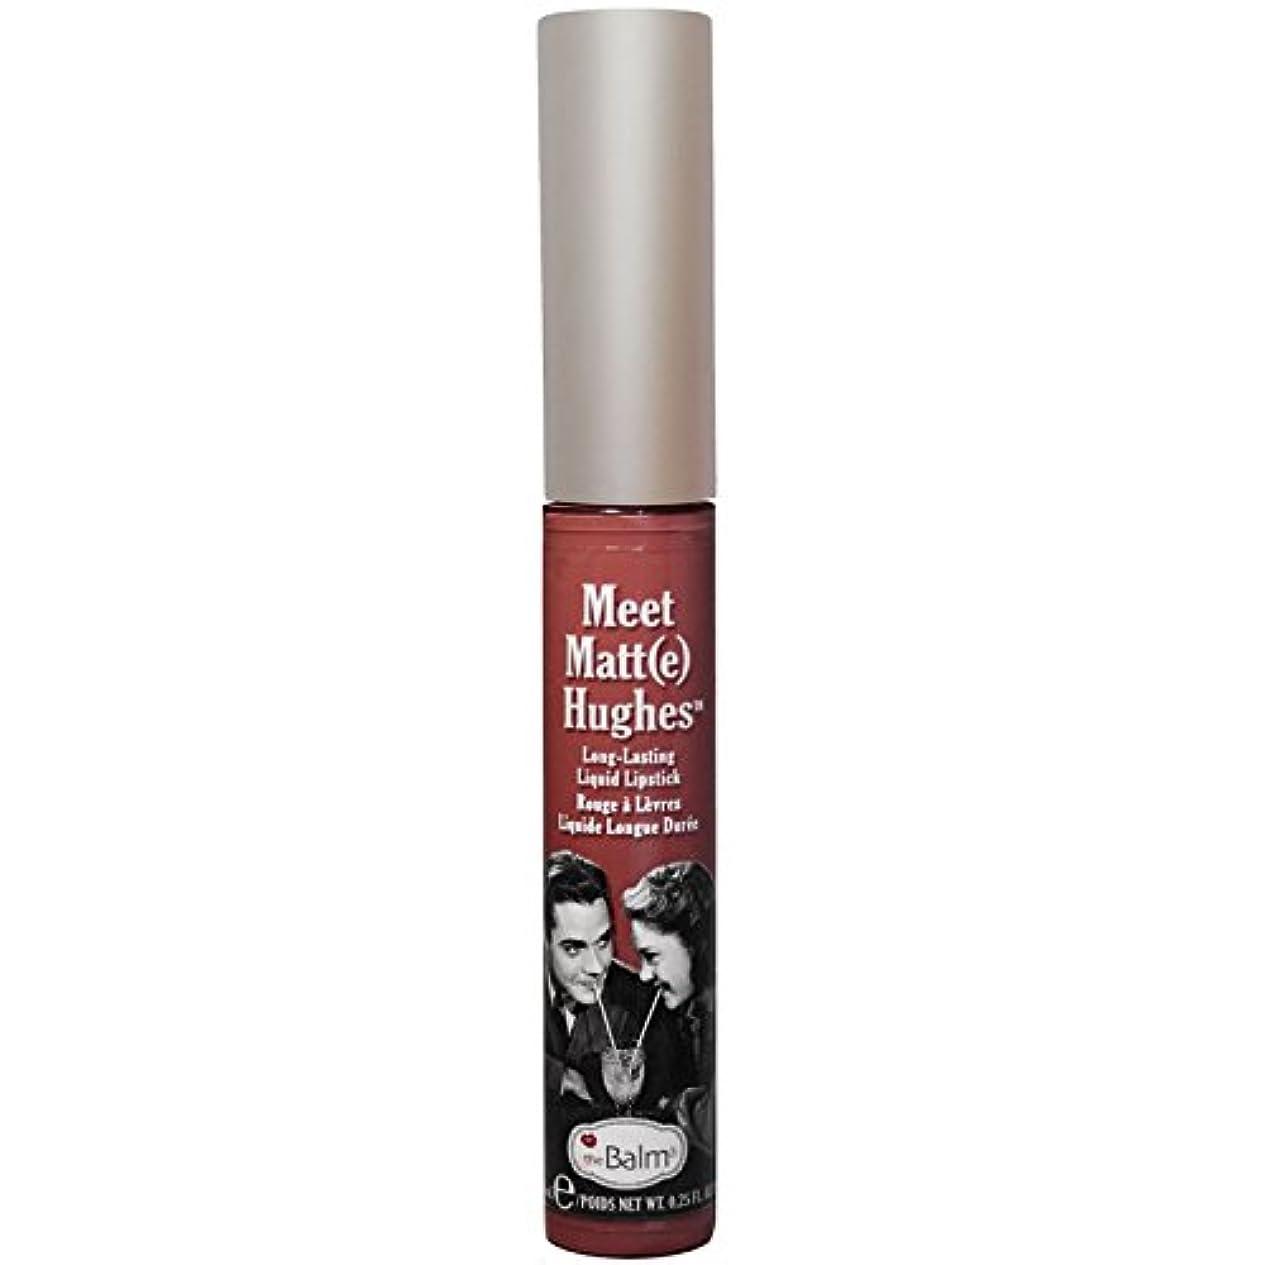 オリエンタル元気なスカートtheBalm - Meet Matt(e) Hughes Long-Lasting Liquid Lipstick Trustworthy [並行輸入品]